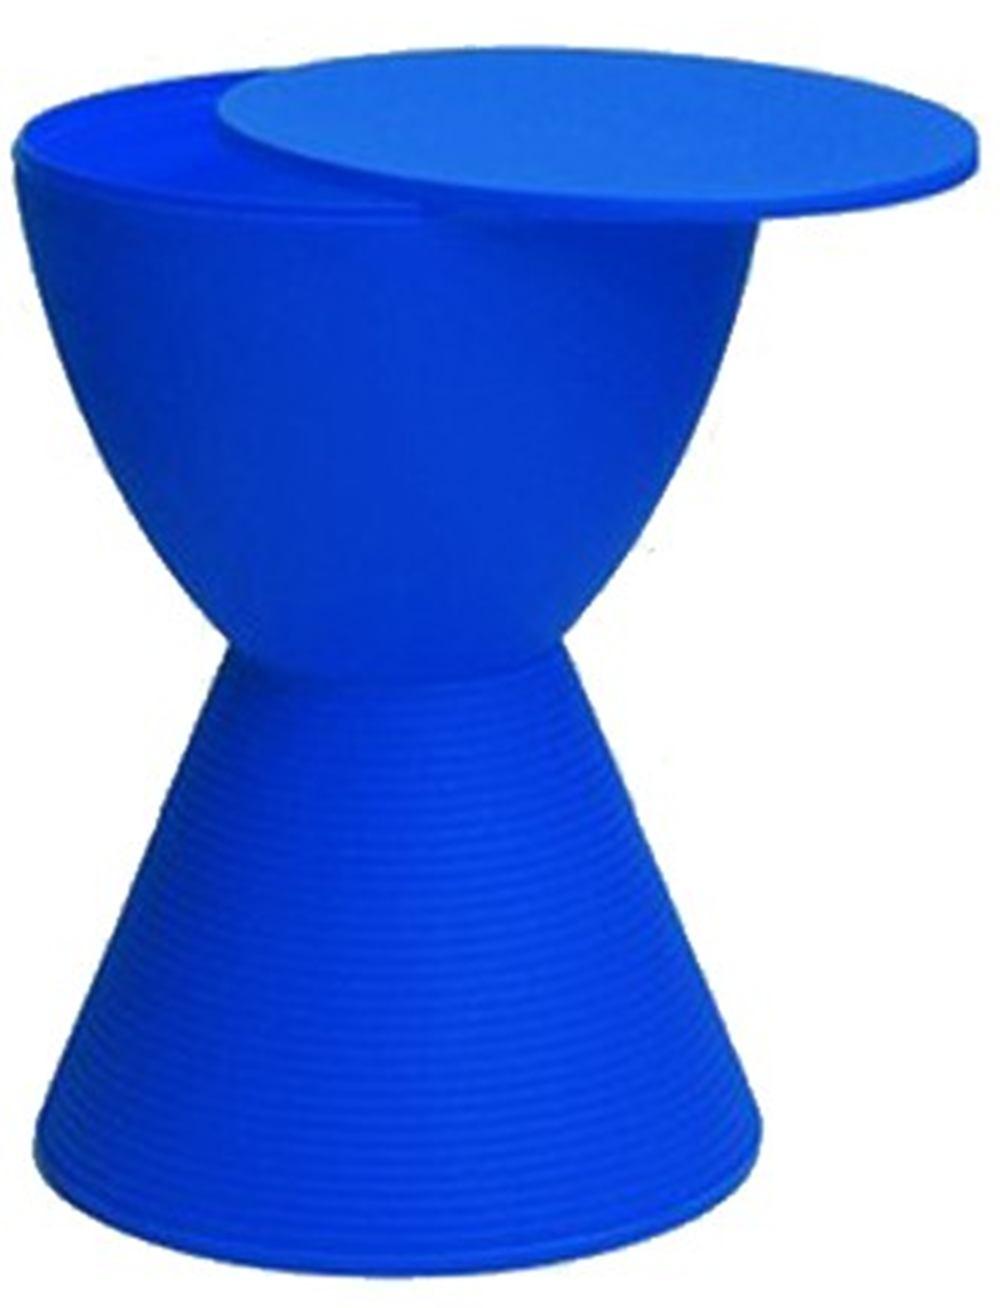 Banqueta Pawn com Tampo Azul - 13333